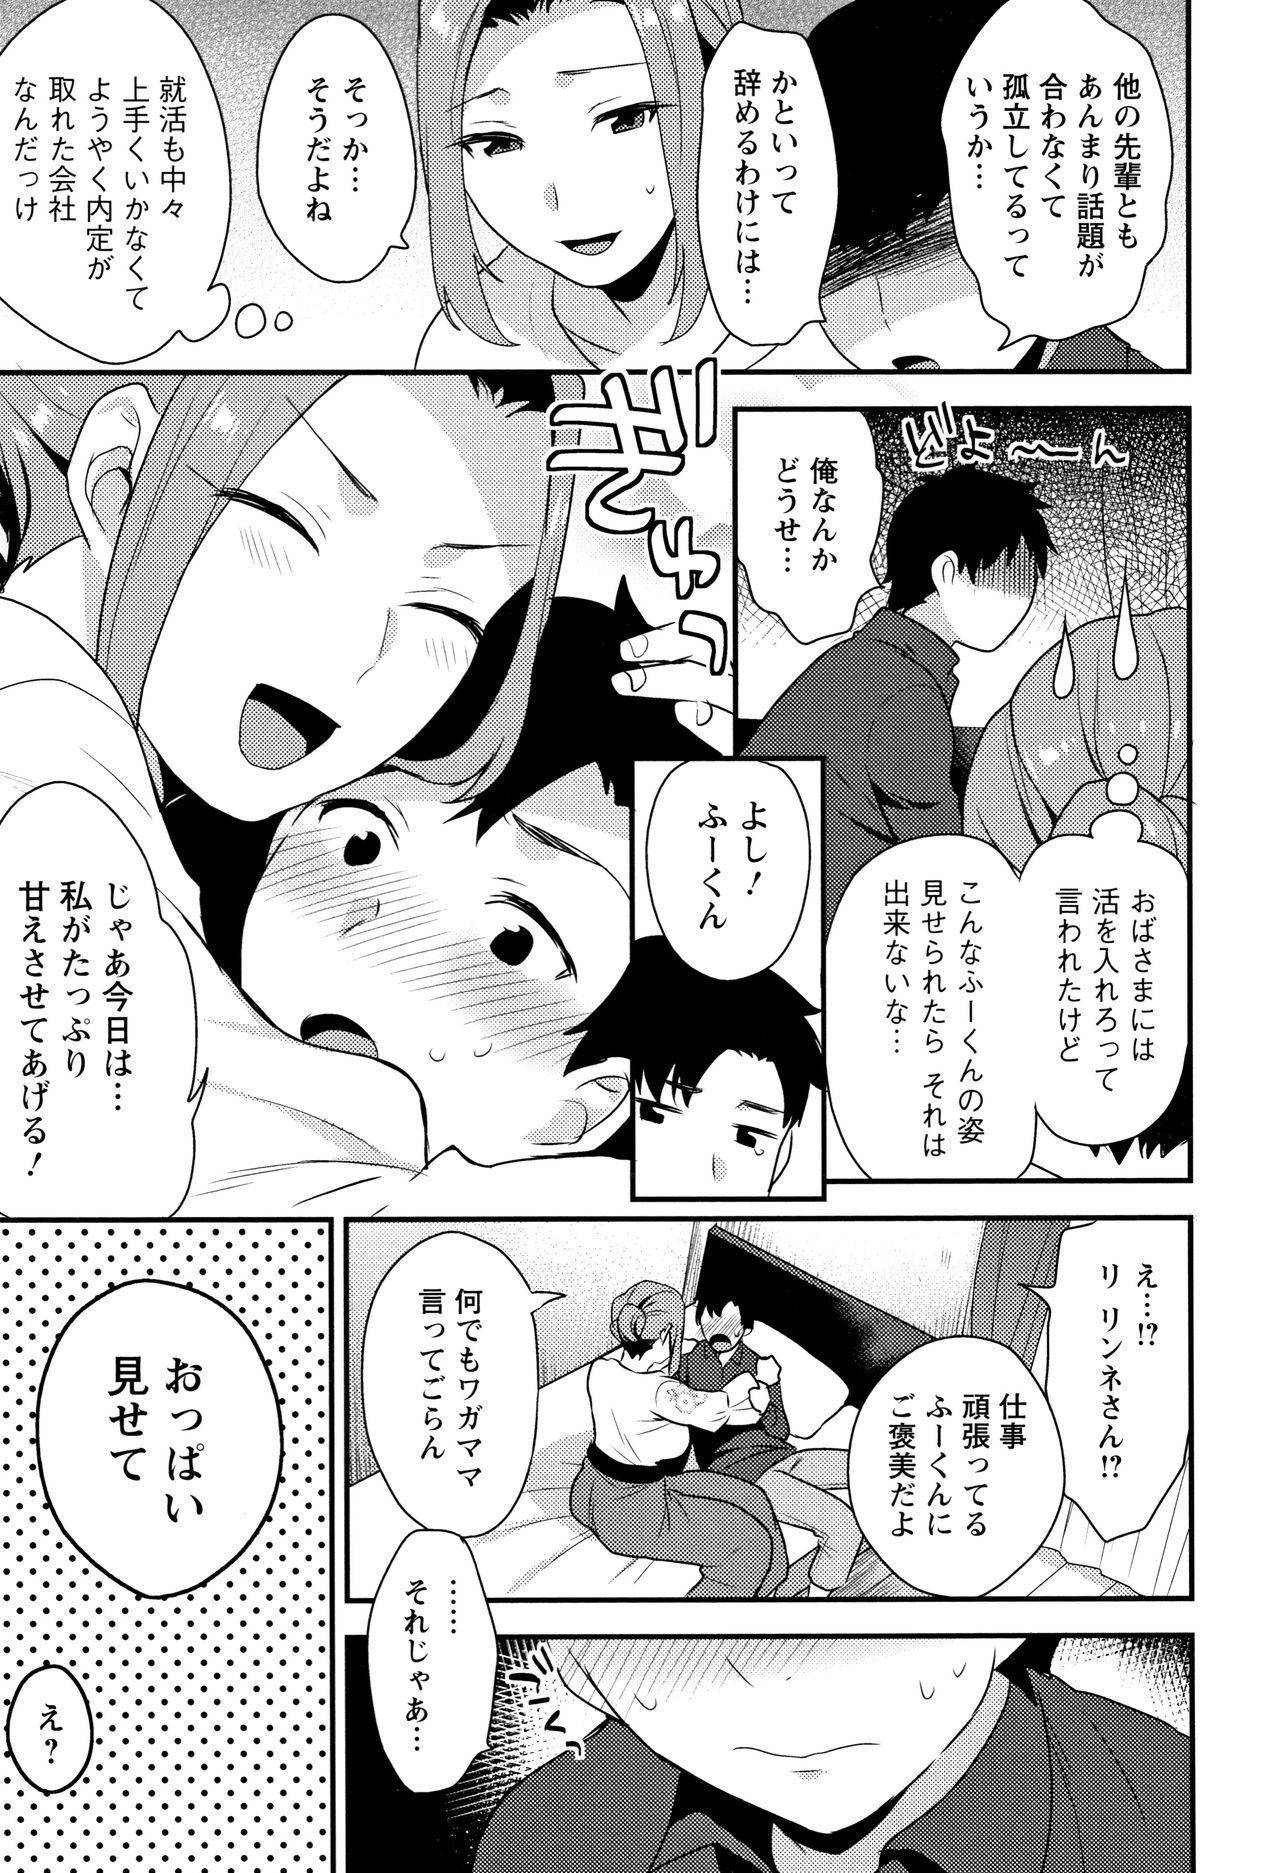 Nureta Manazashi 9